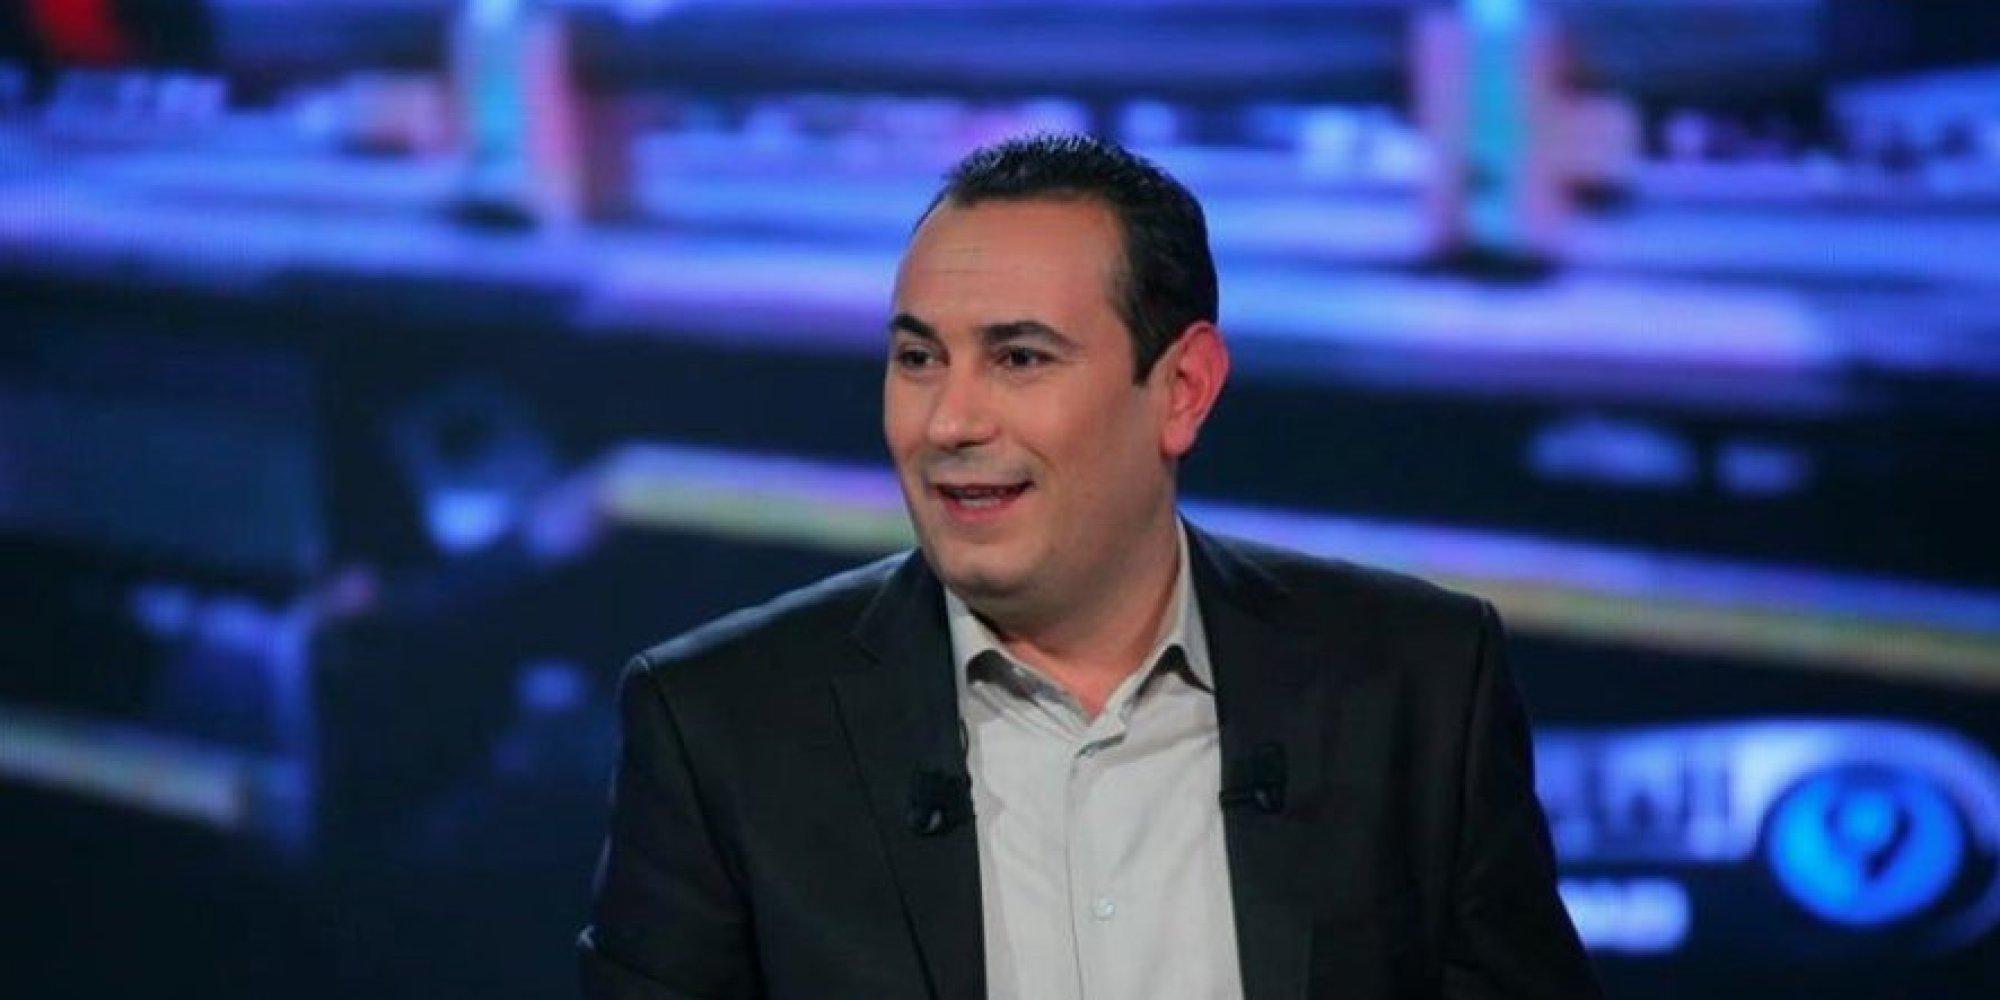 Tunisie le minist re de l 39 int rieur saisit le minist re for Ministere exterieur algerie